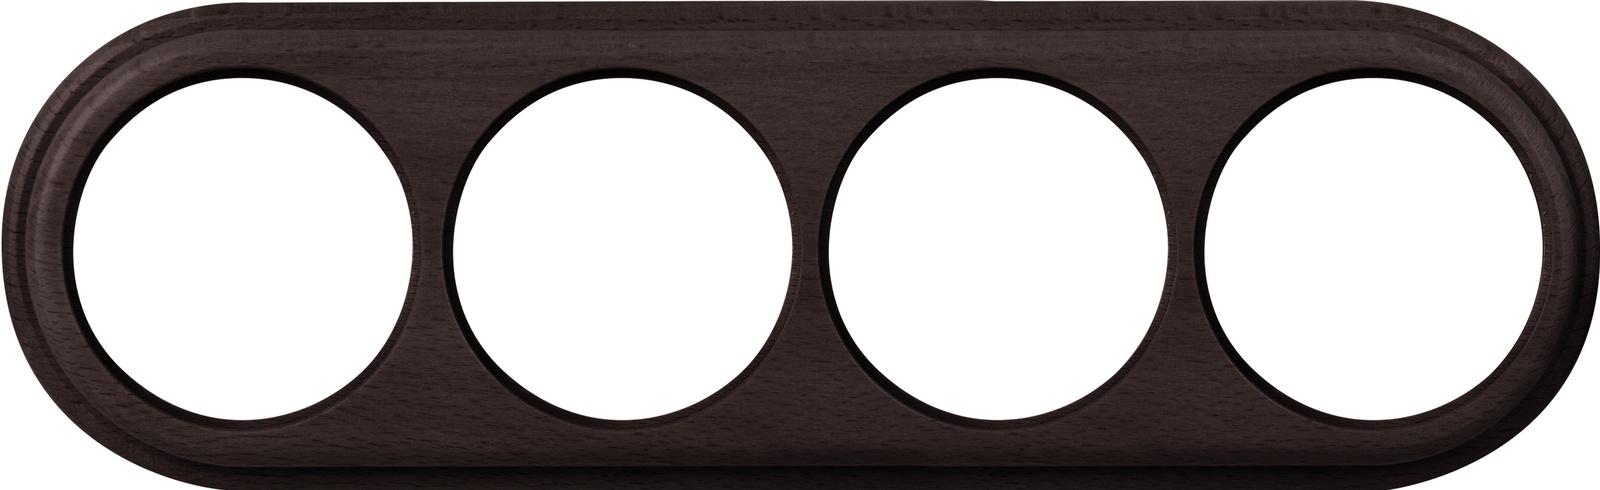 Рамка электроустановочная Werkel на 4 поста венге WL20-frame-04 темно-коричневый